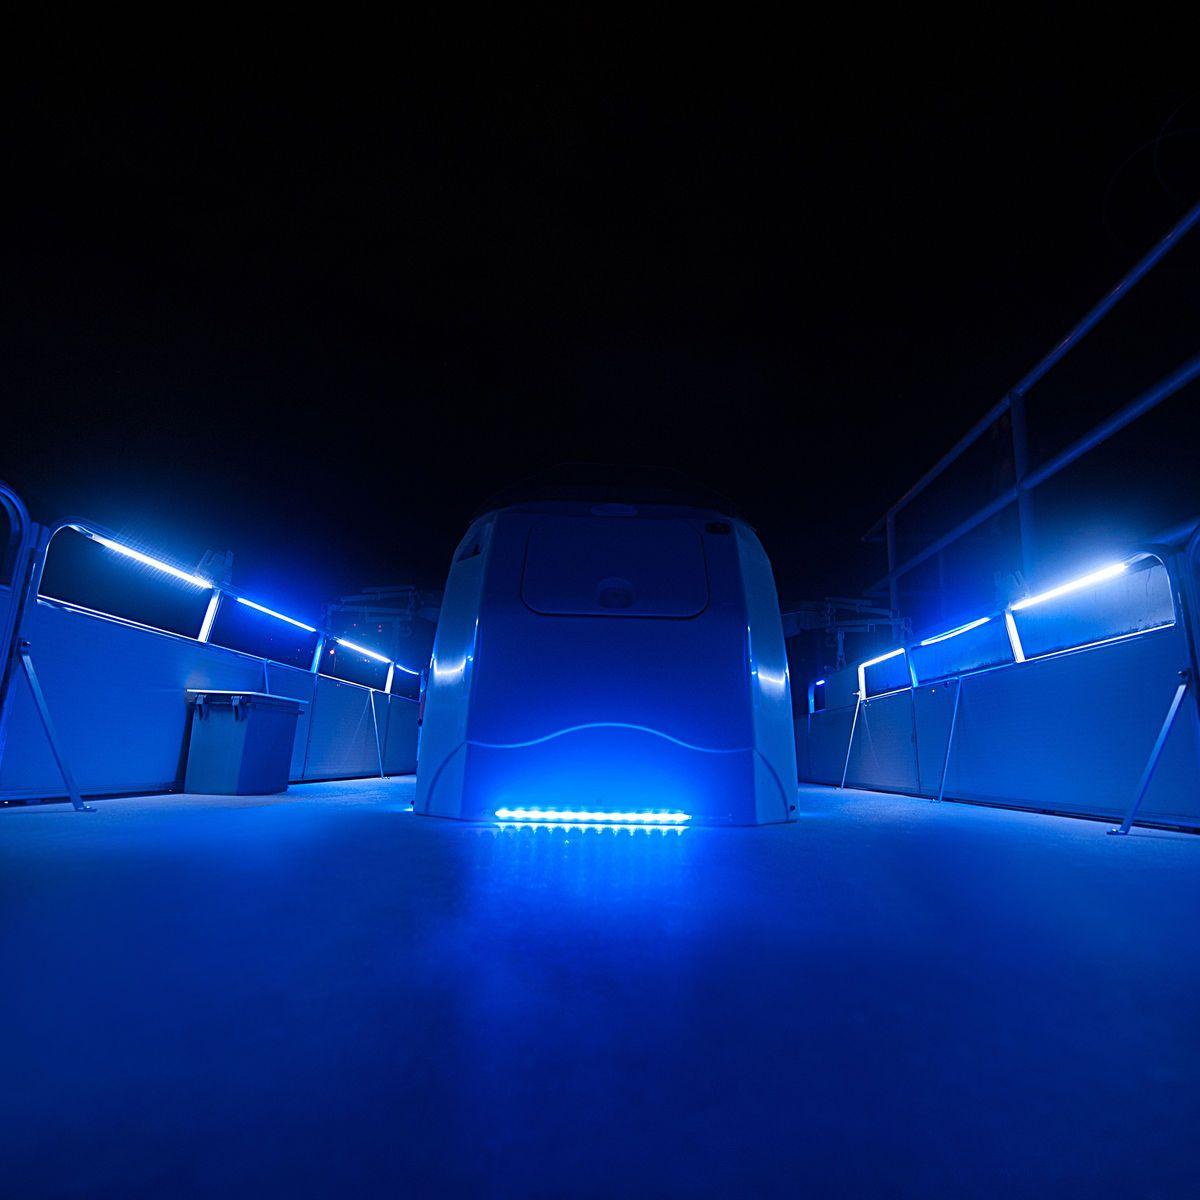 overtons 24 flex track led light kit for pontoon boats overton 39 s boat houseboat remodel. Black Bedroom Furniture Sets. Home Design Ideas